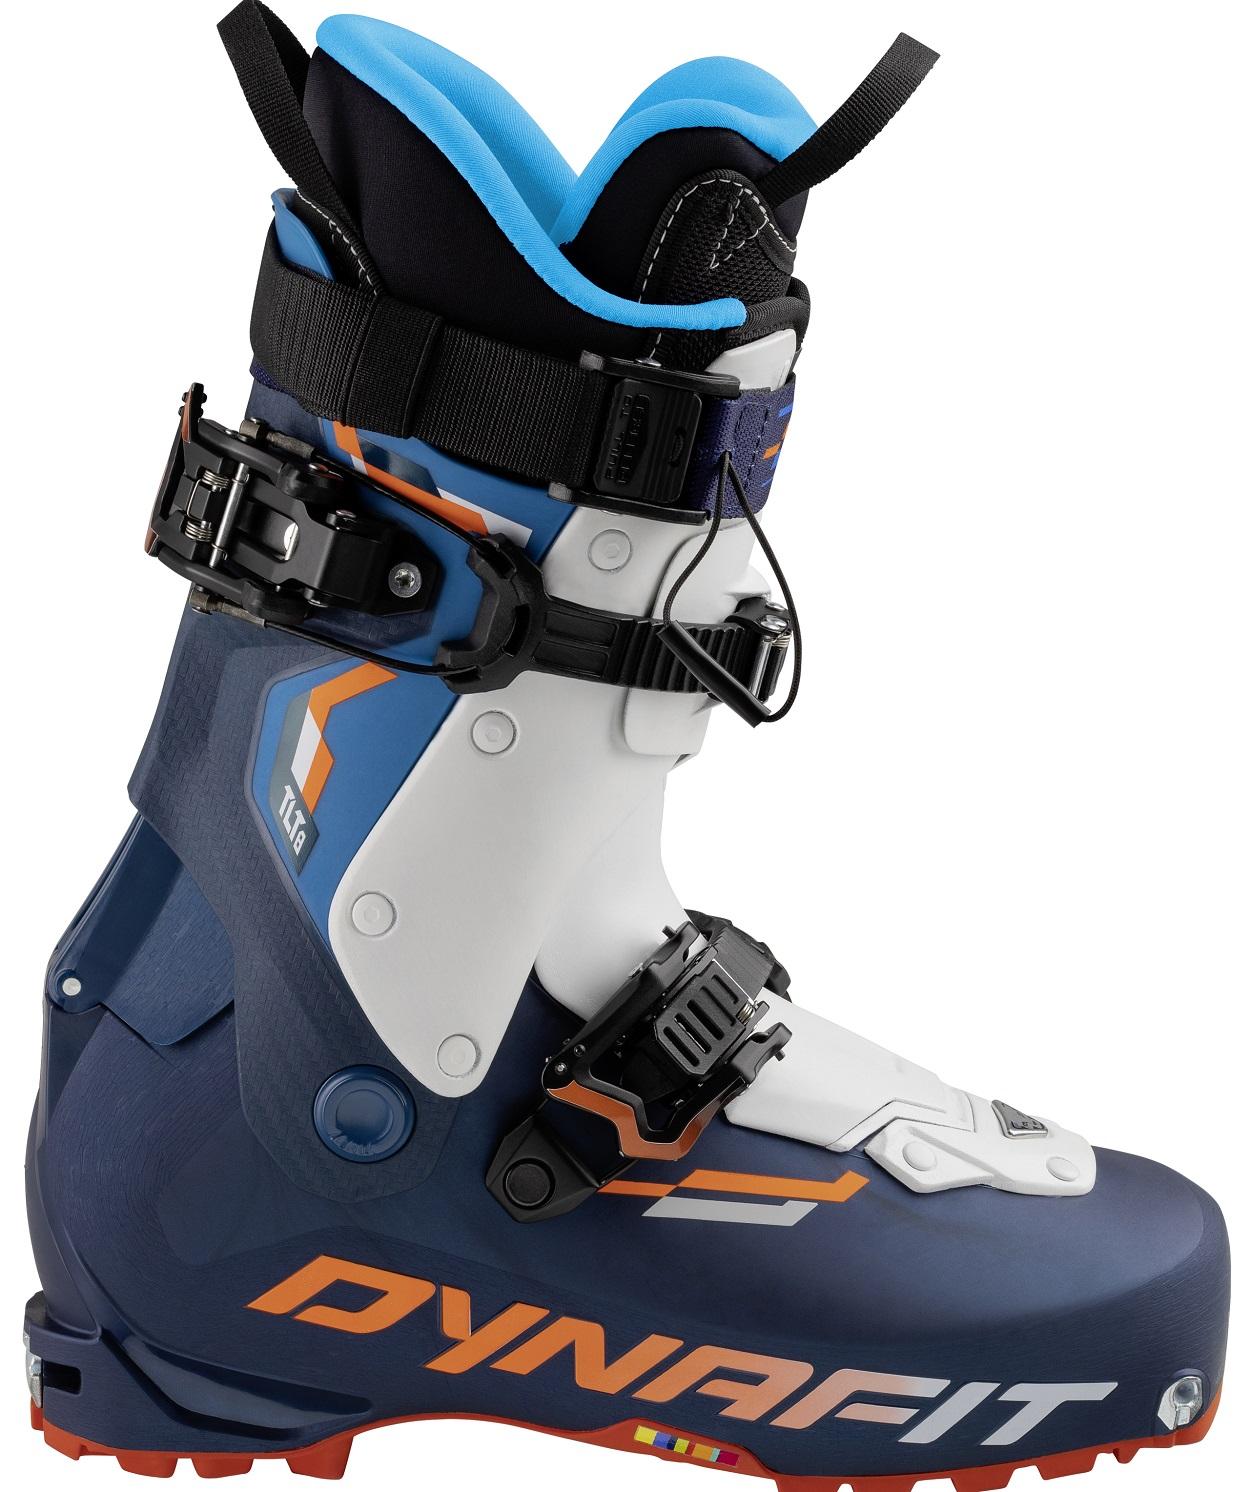 Dynafit TLT8 Expedition CR.jpg